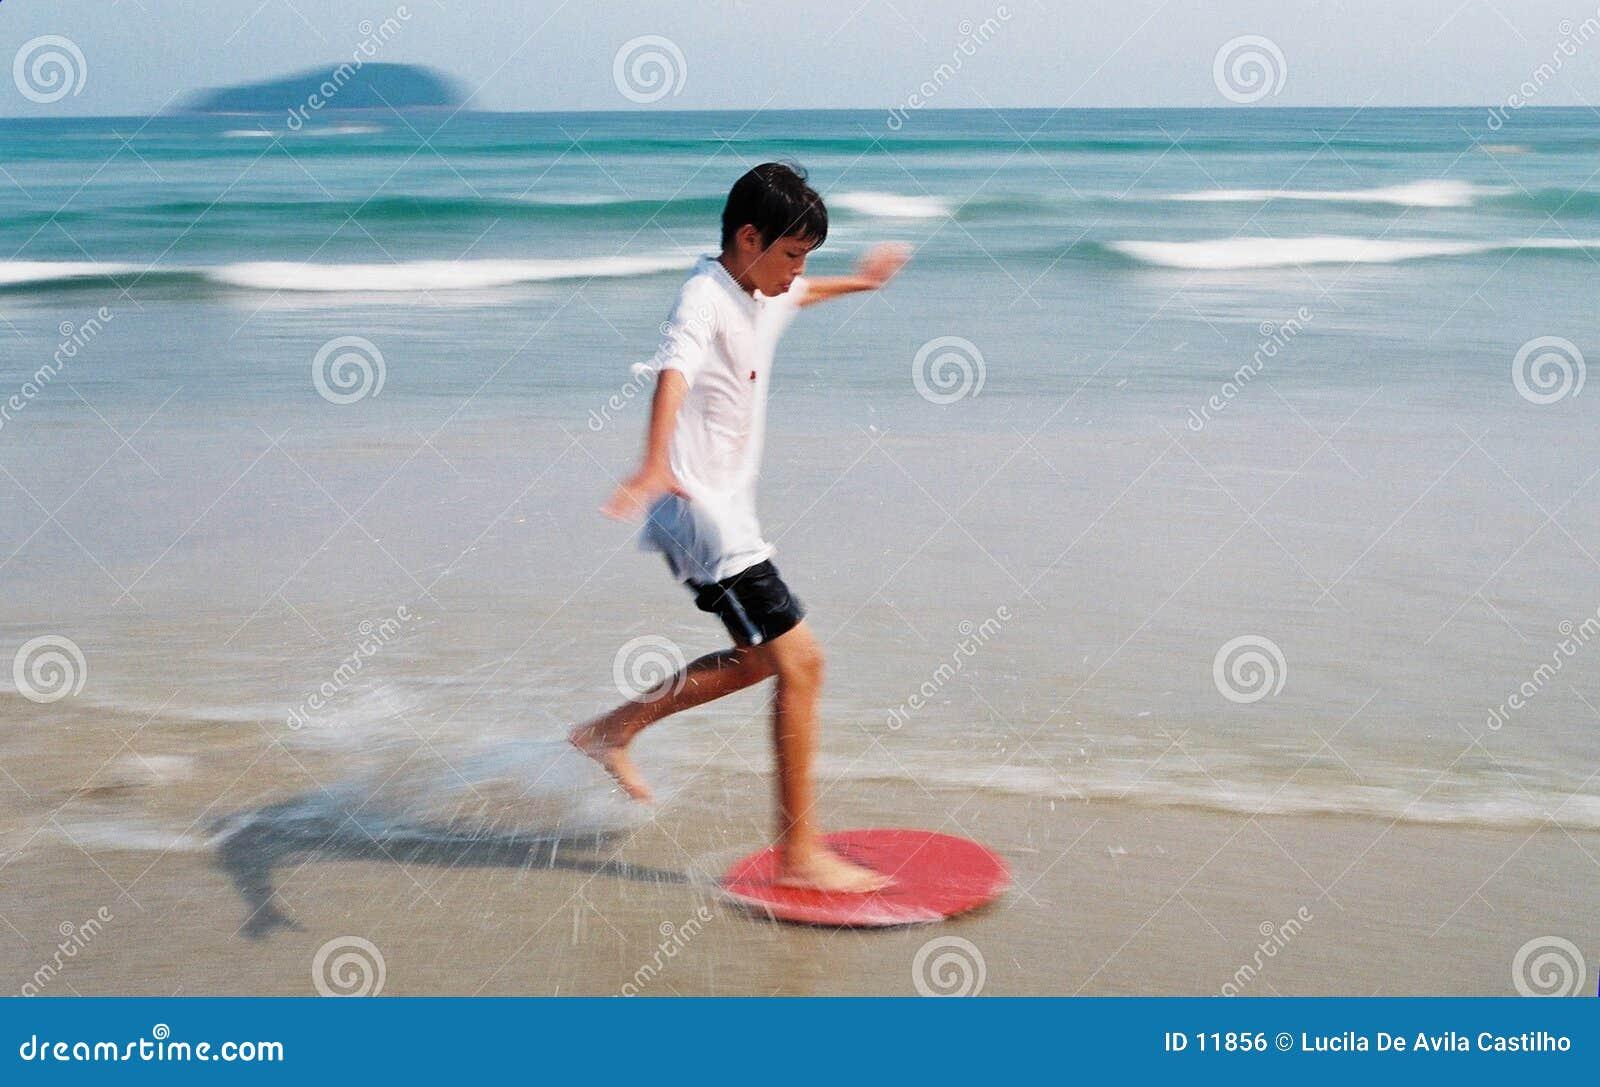 Jongen die door golven surft